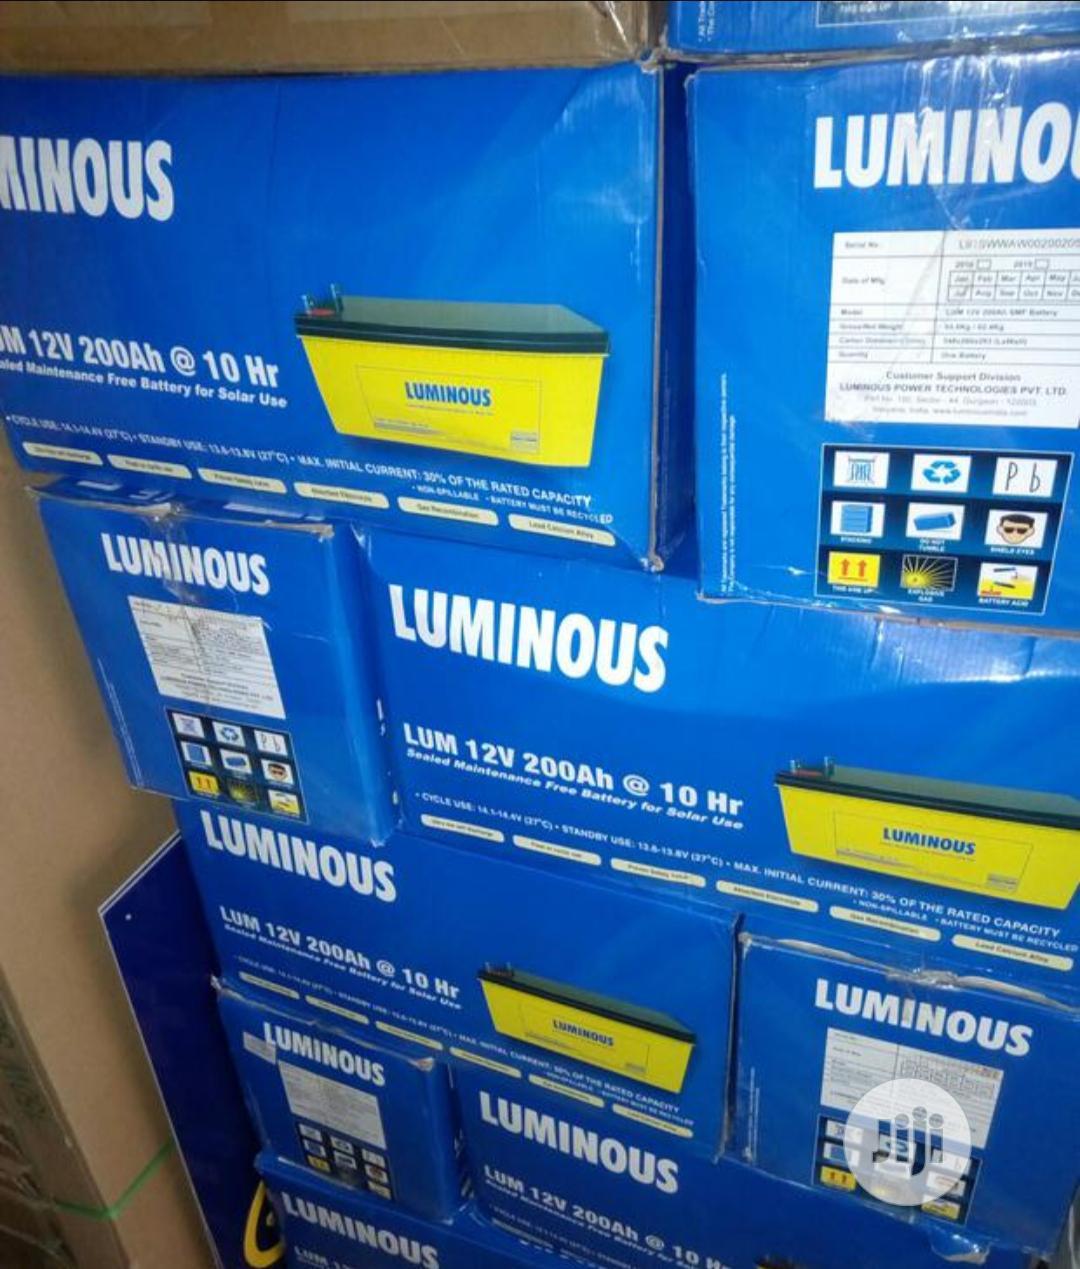 Luminous 200ah 12v Battery